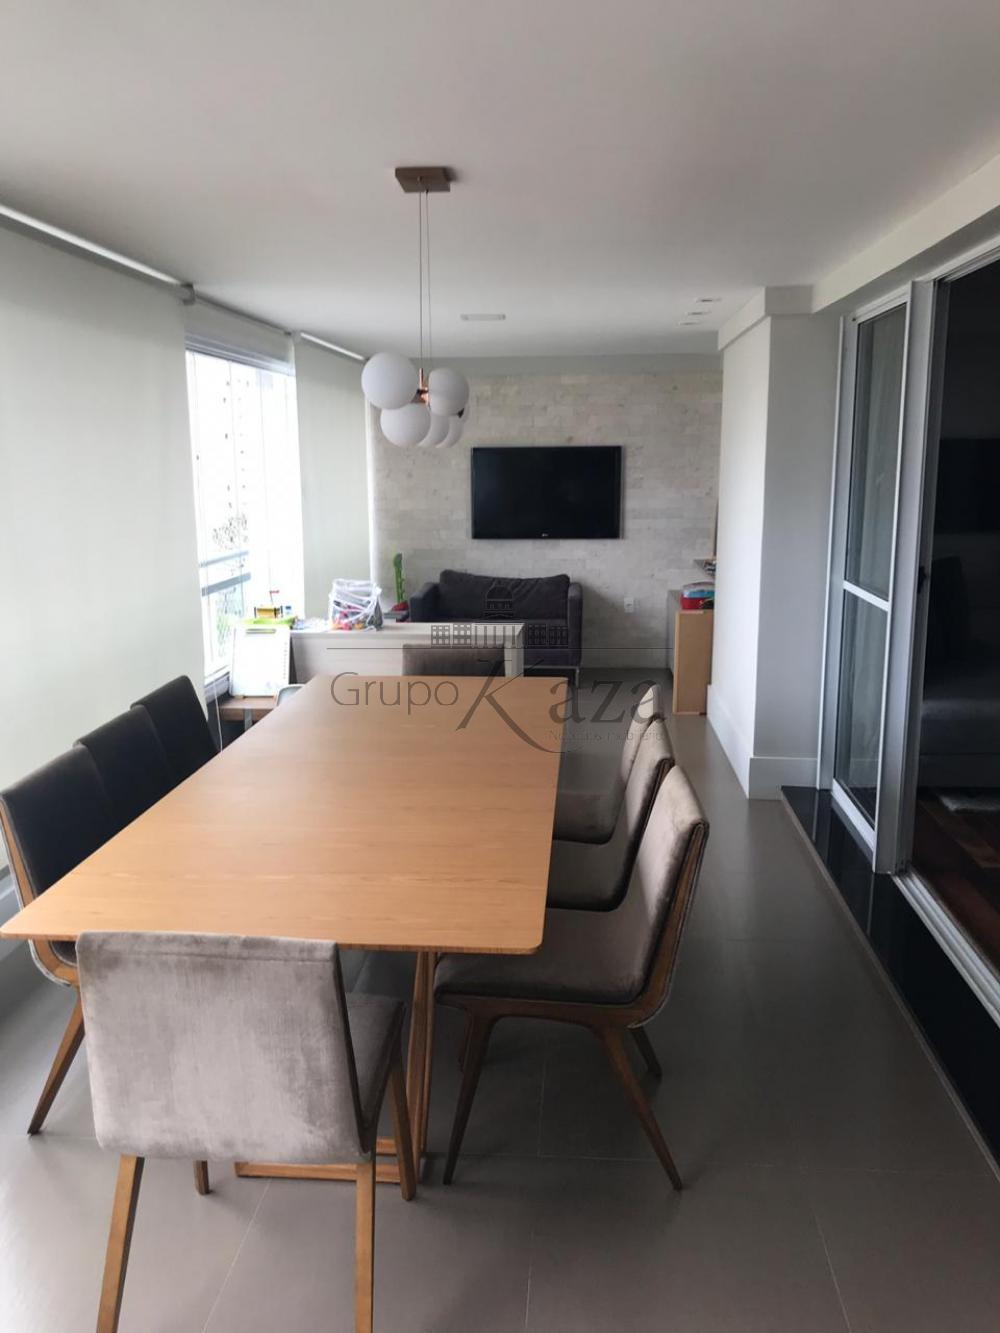 Comprar Apartamento / Padrão em São José dos Campos apenas R$ 1.250.000,00 - Foto 4